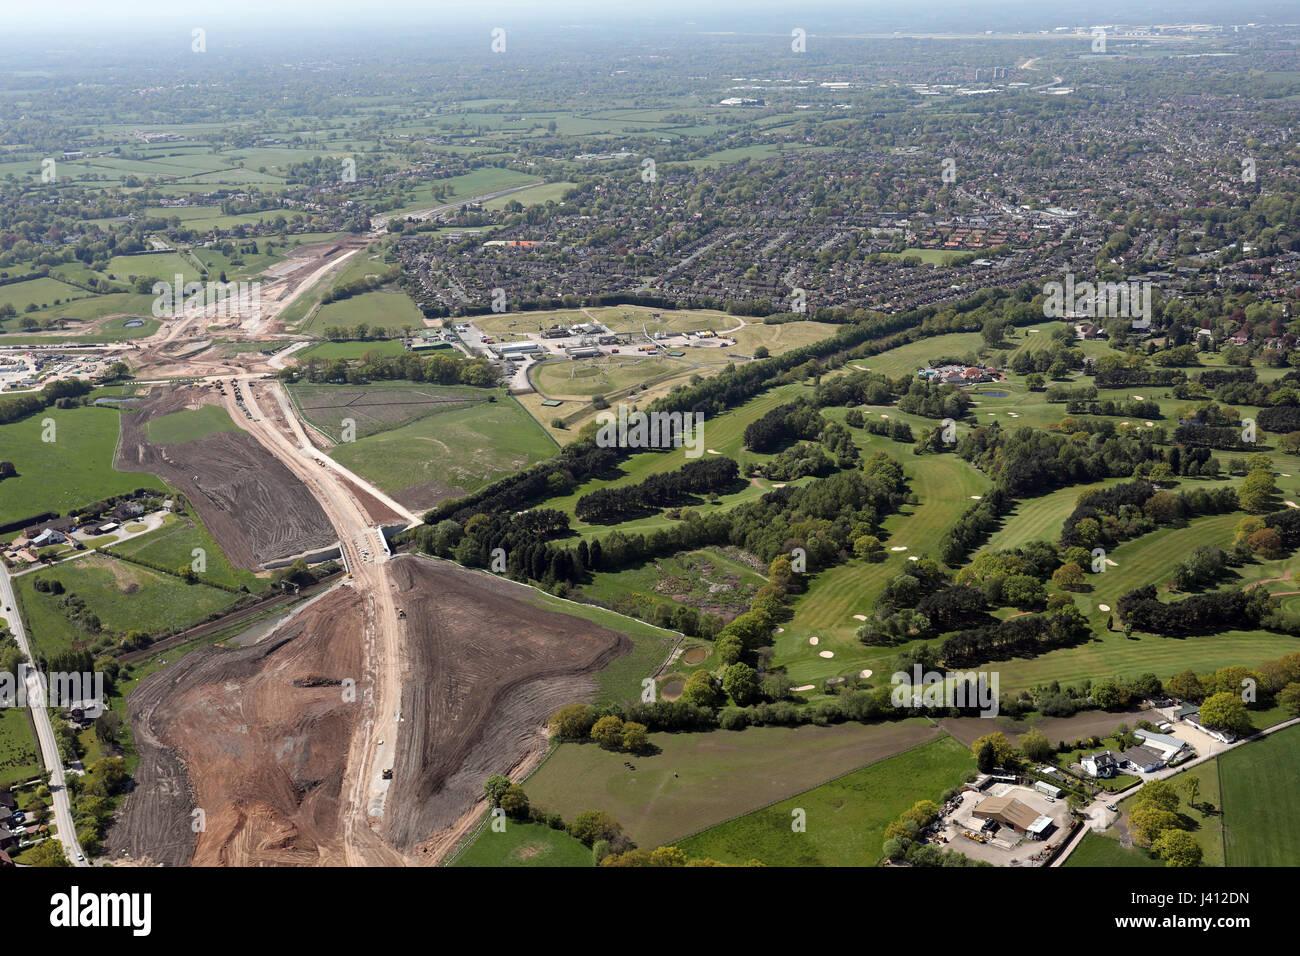 Vista aérea de la nueva carretera de enlace del aeropuerto de Manchester, Reino Unido Imagen De Stock